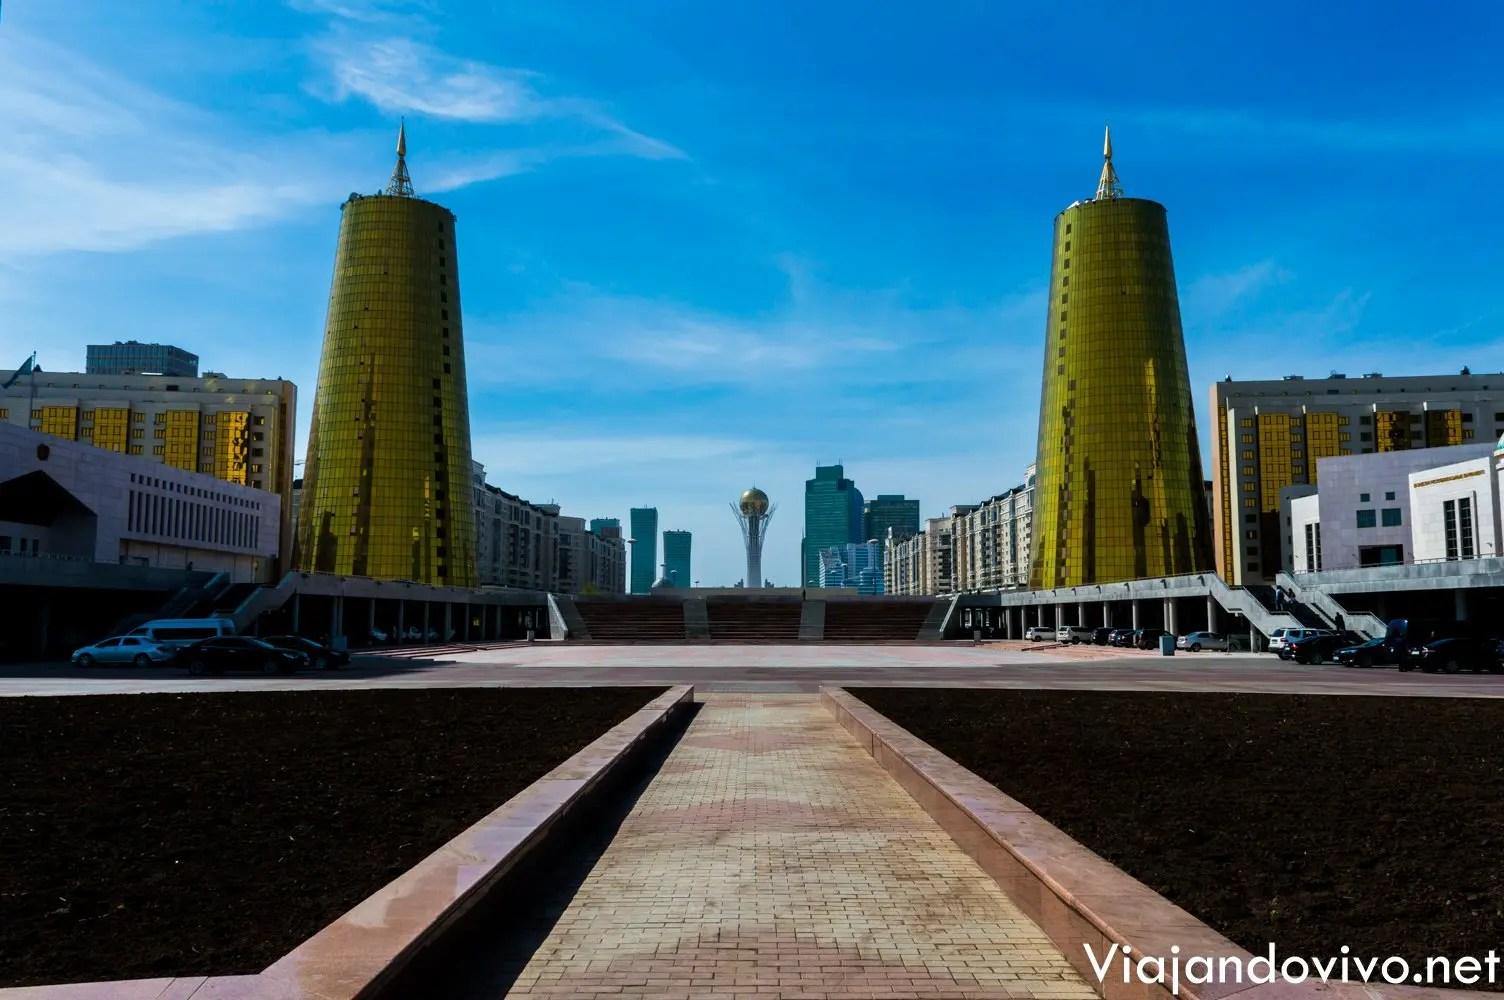 Edificios modernos en Astana, Kazajistan